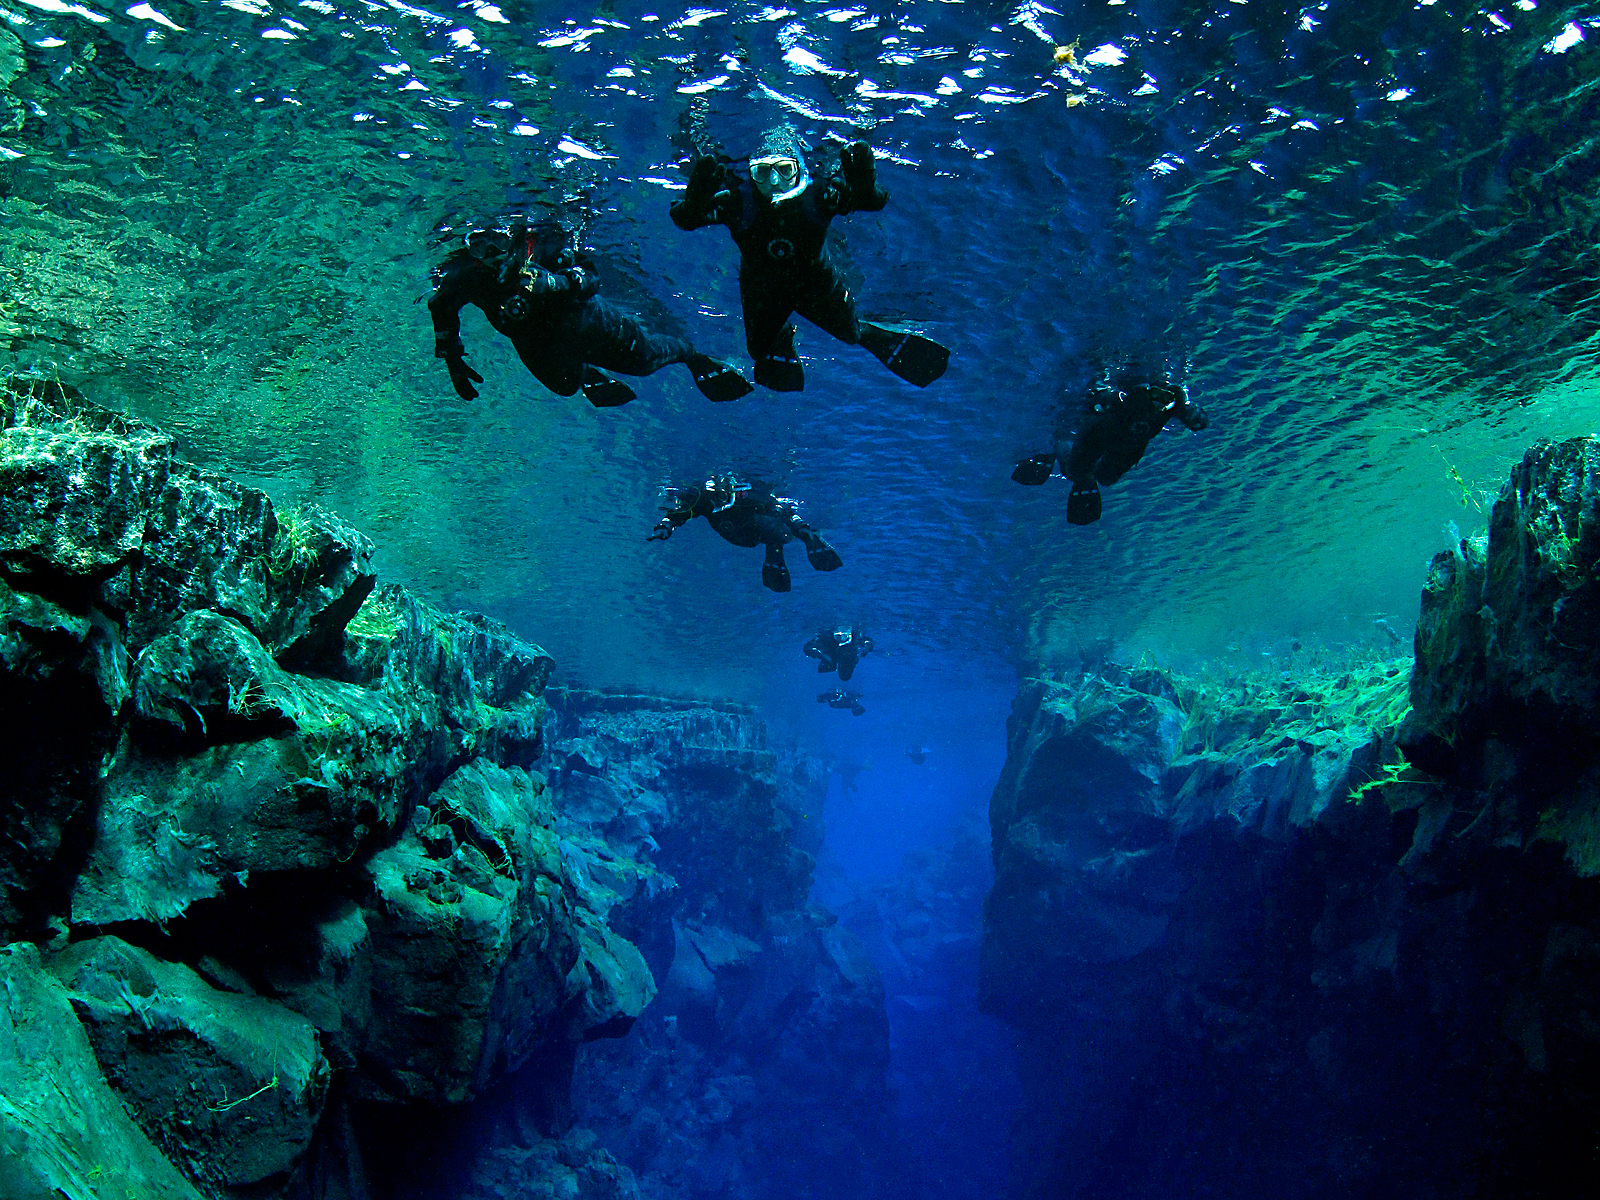 在丝浮拉大裂缝的纯净冰川水中浮潜。